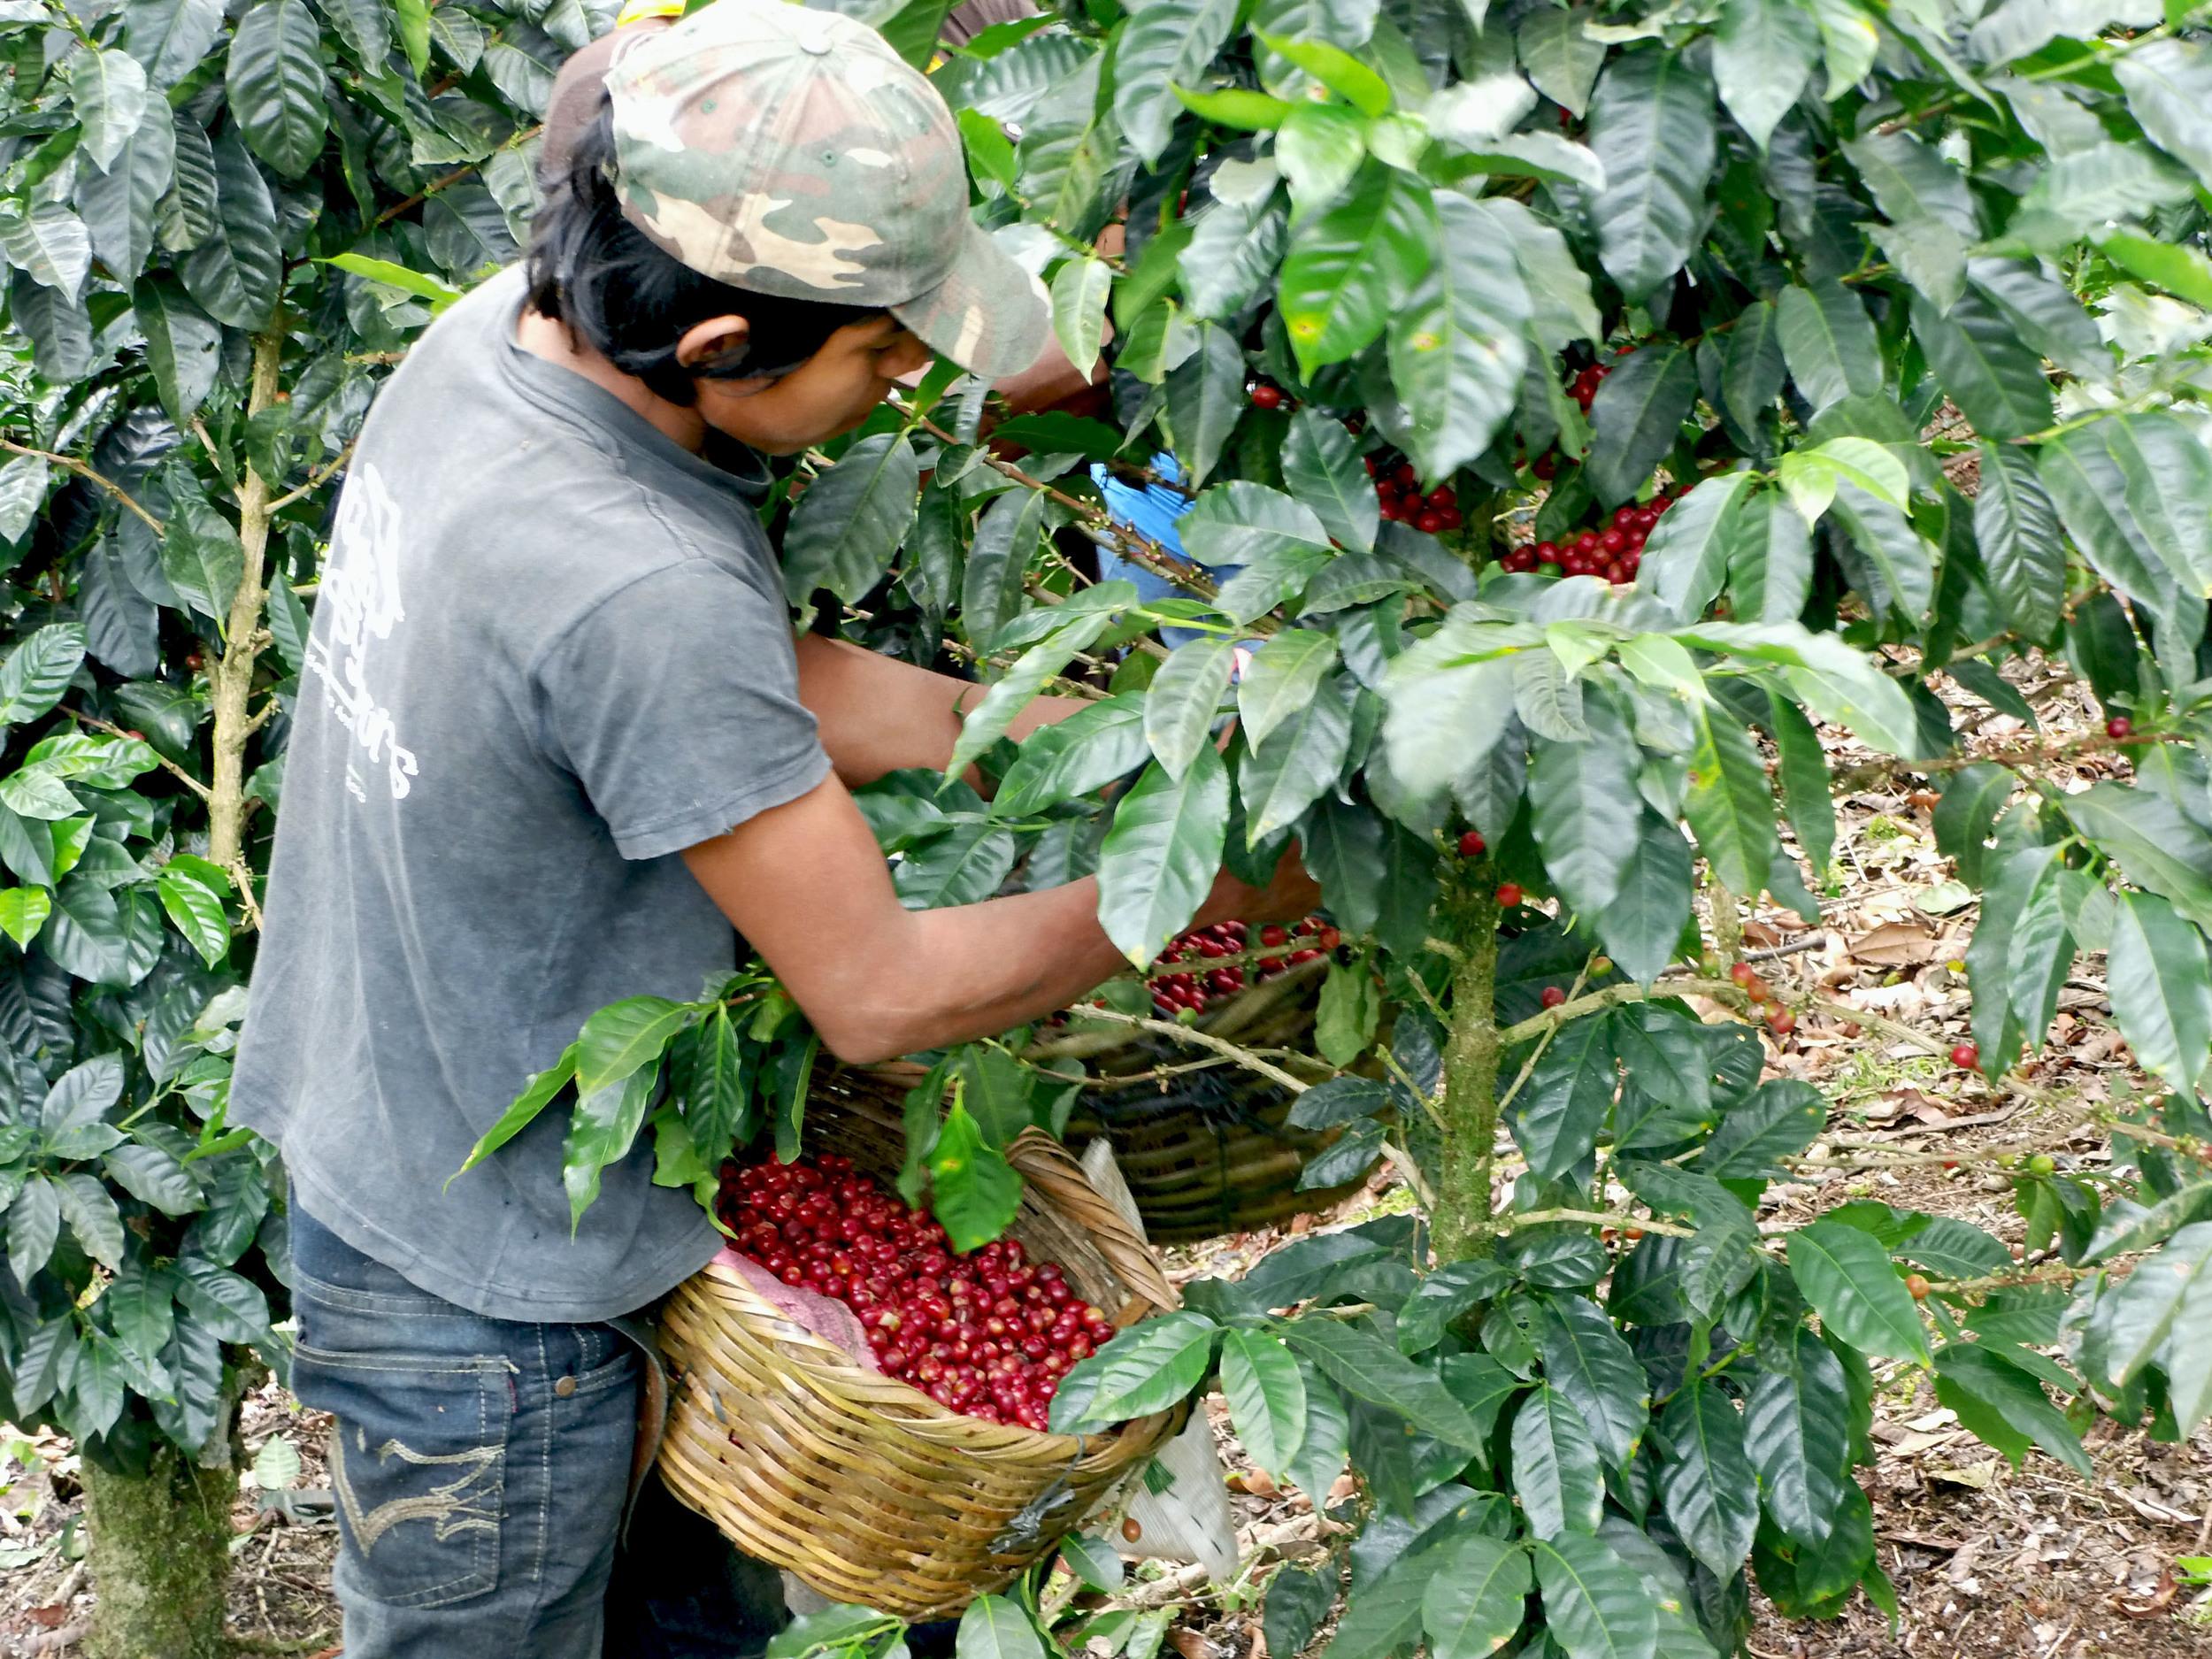 Paraiso harvest 4.jpg